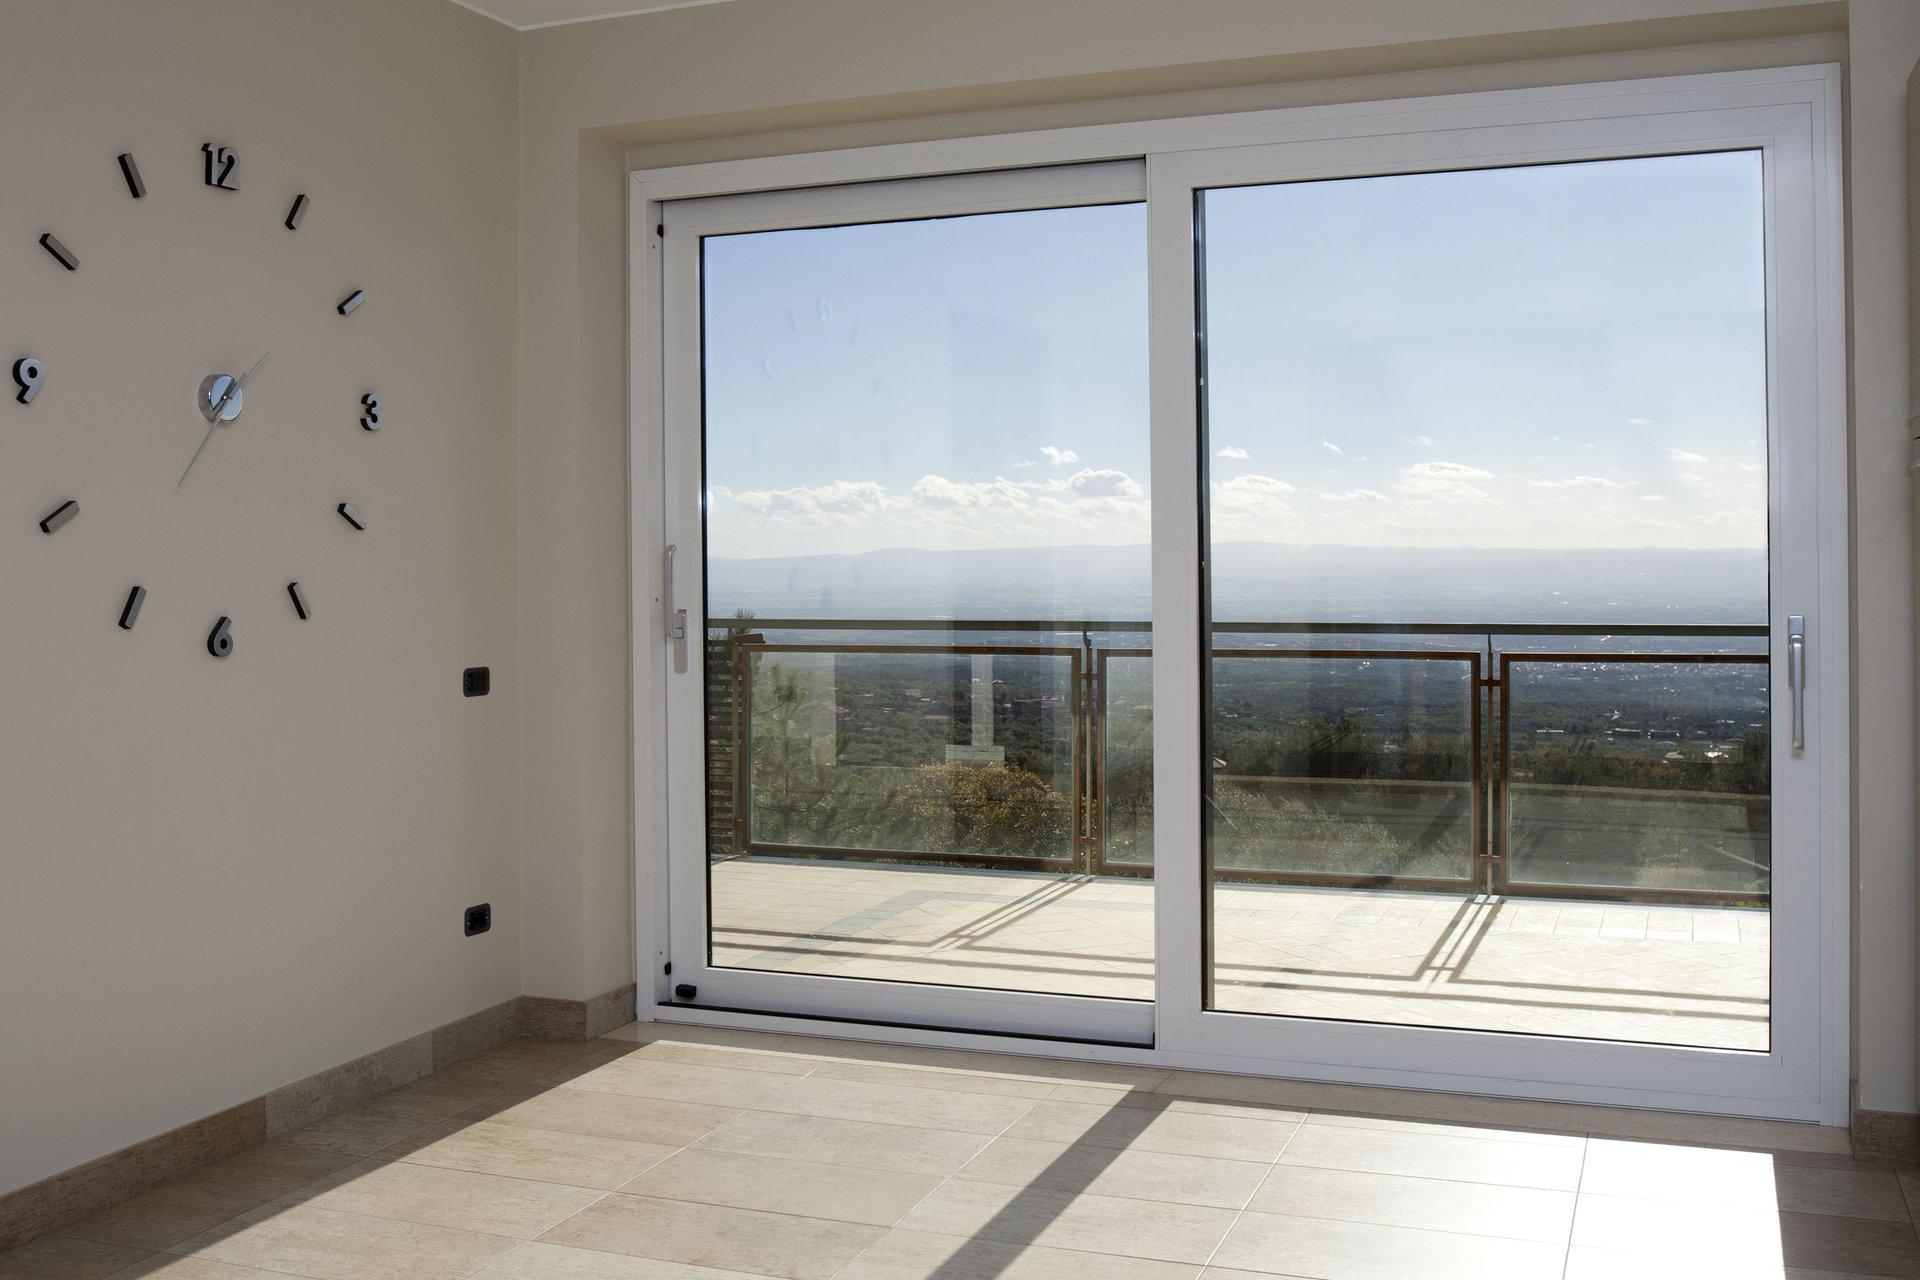 Serramenti e infissi modena mo modena finestre - Serramenti e finestre ...